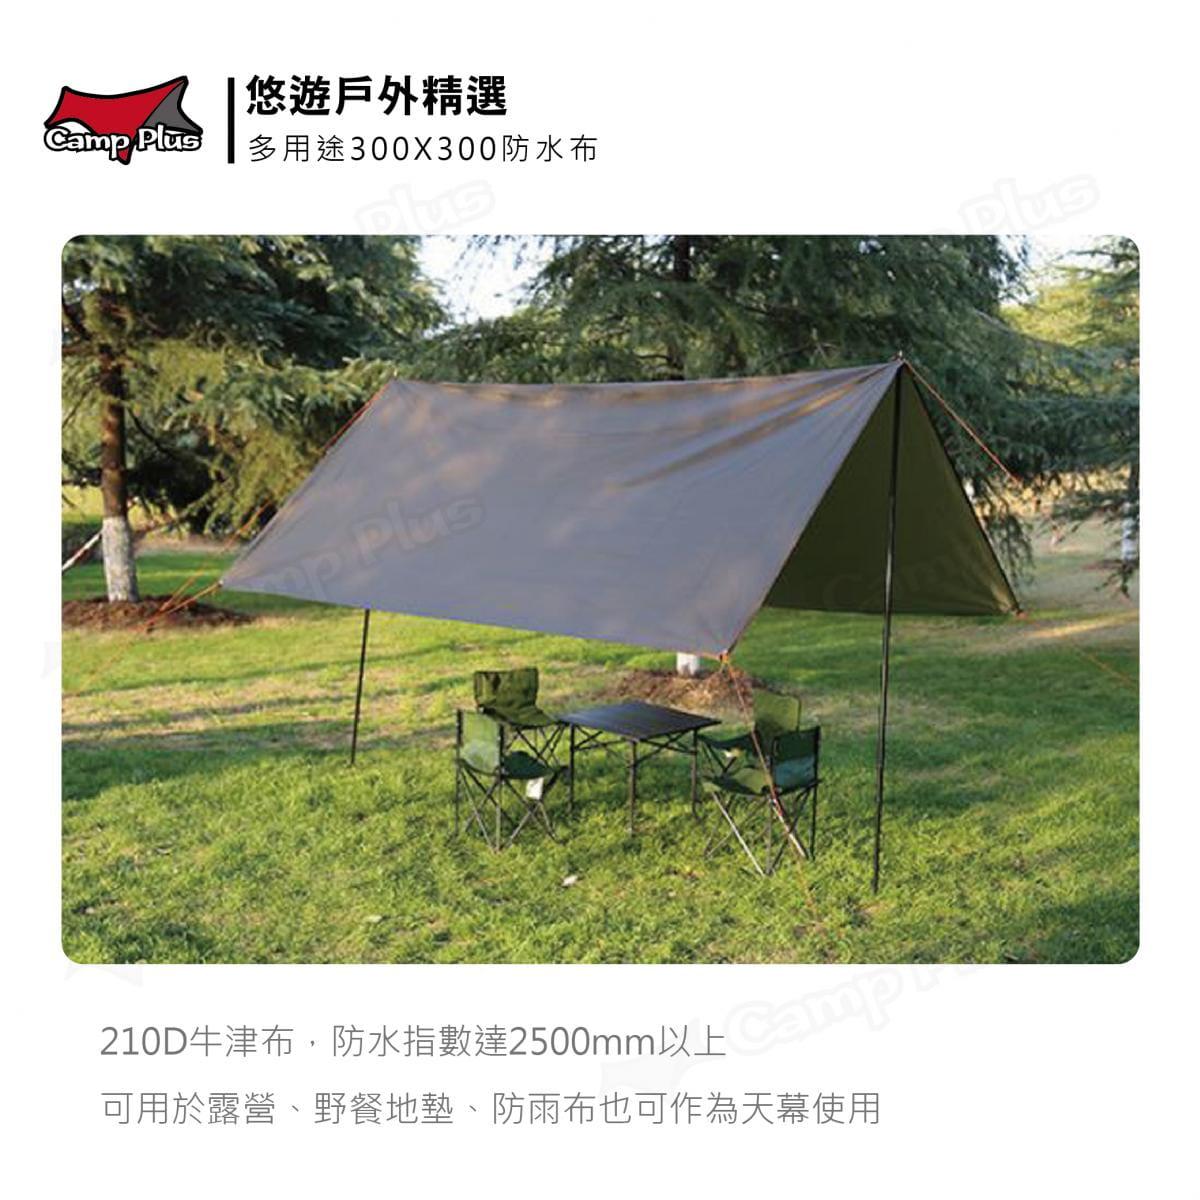 【悠遊戶外】盛源帳篷防水布 露營防潮地布 3